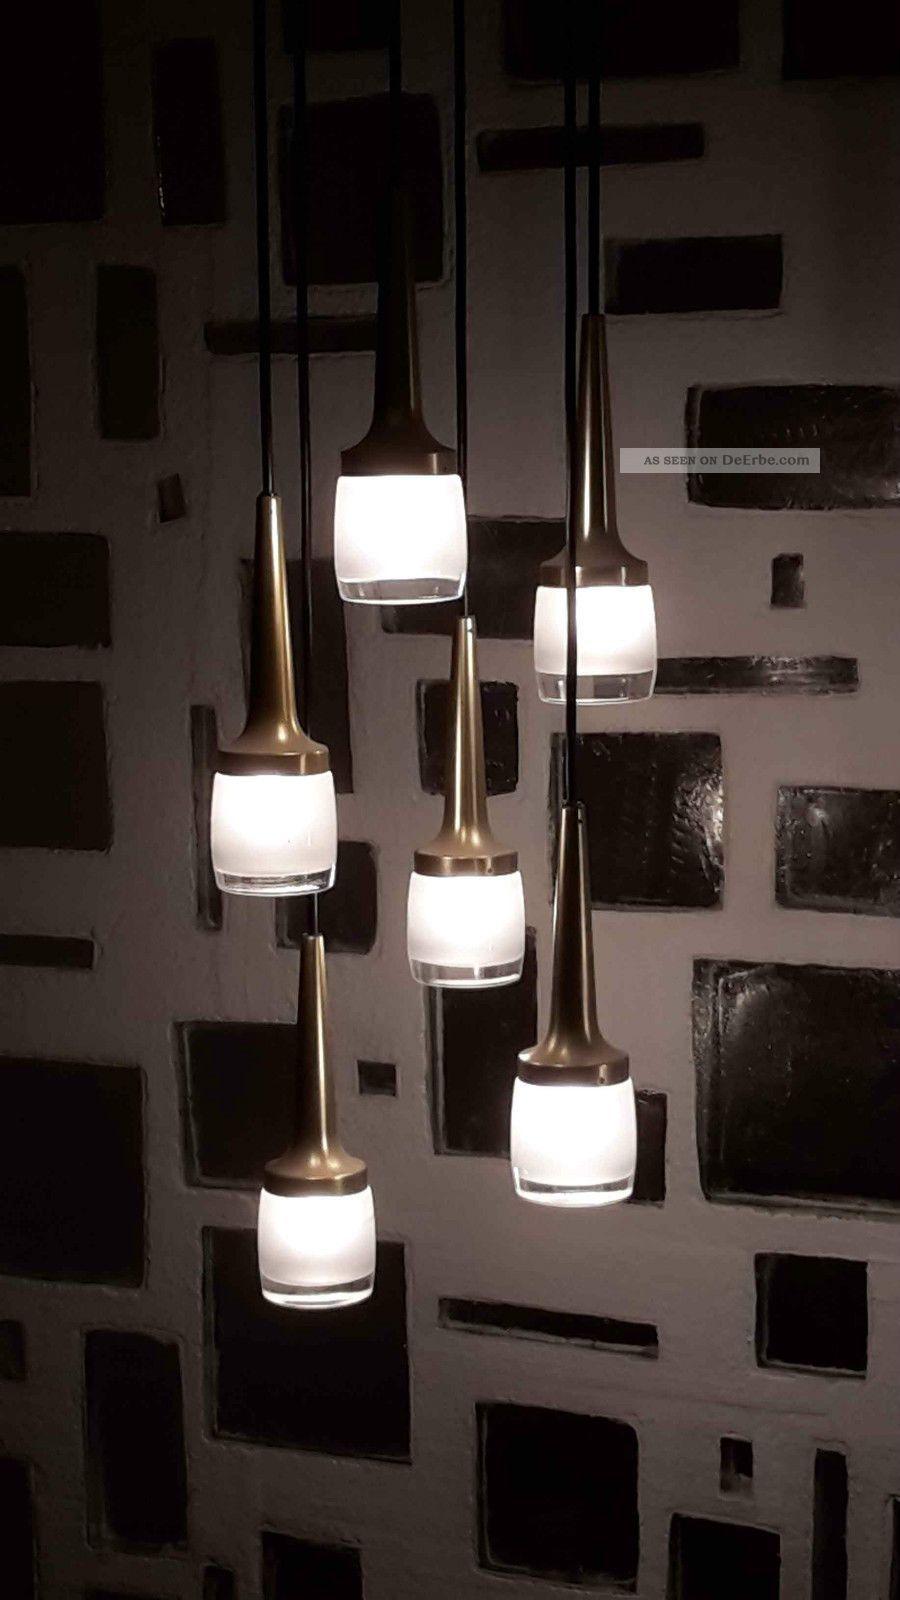 rar 6er designer orig 70er jahre staff kaskadenlampe p114 tulip h ngelampe. Black Bedroom Furniture Sets. Home Design Ideas